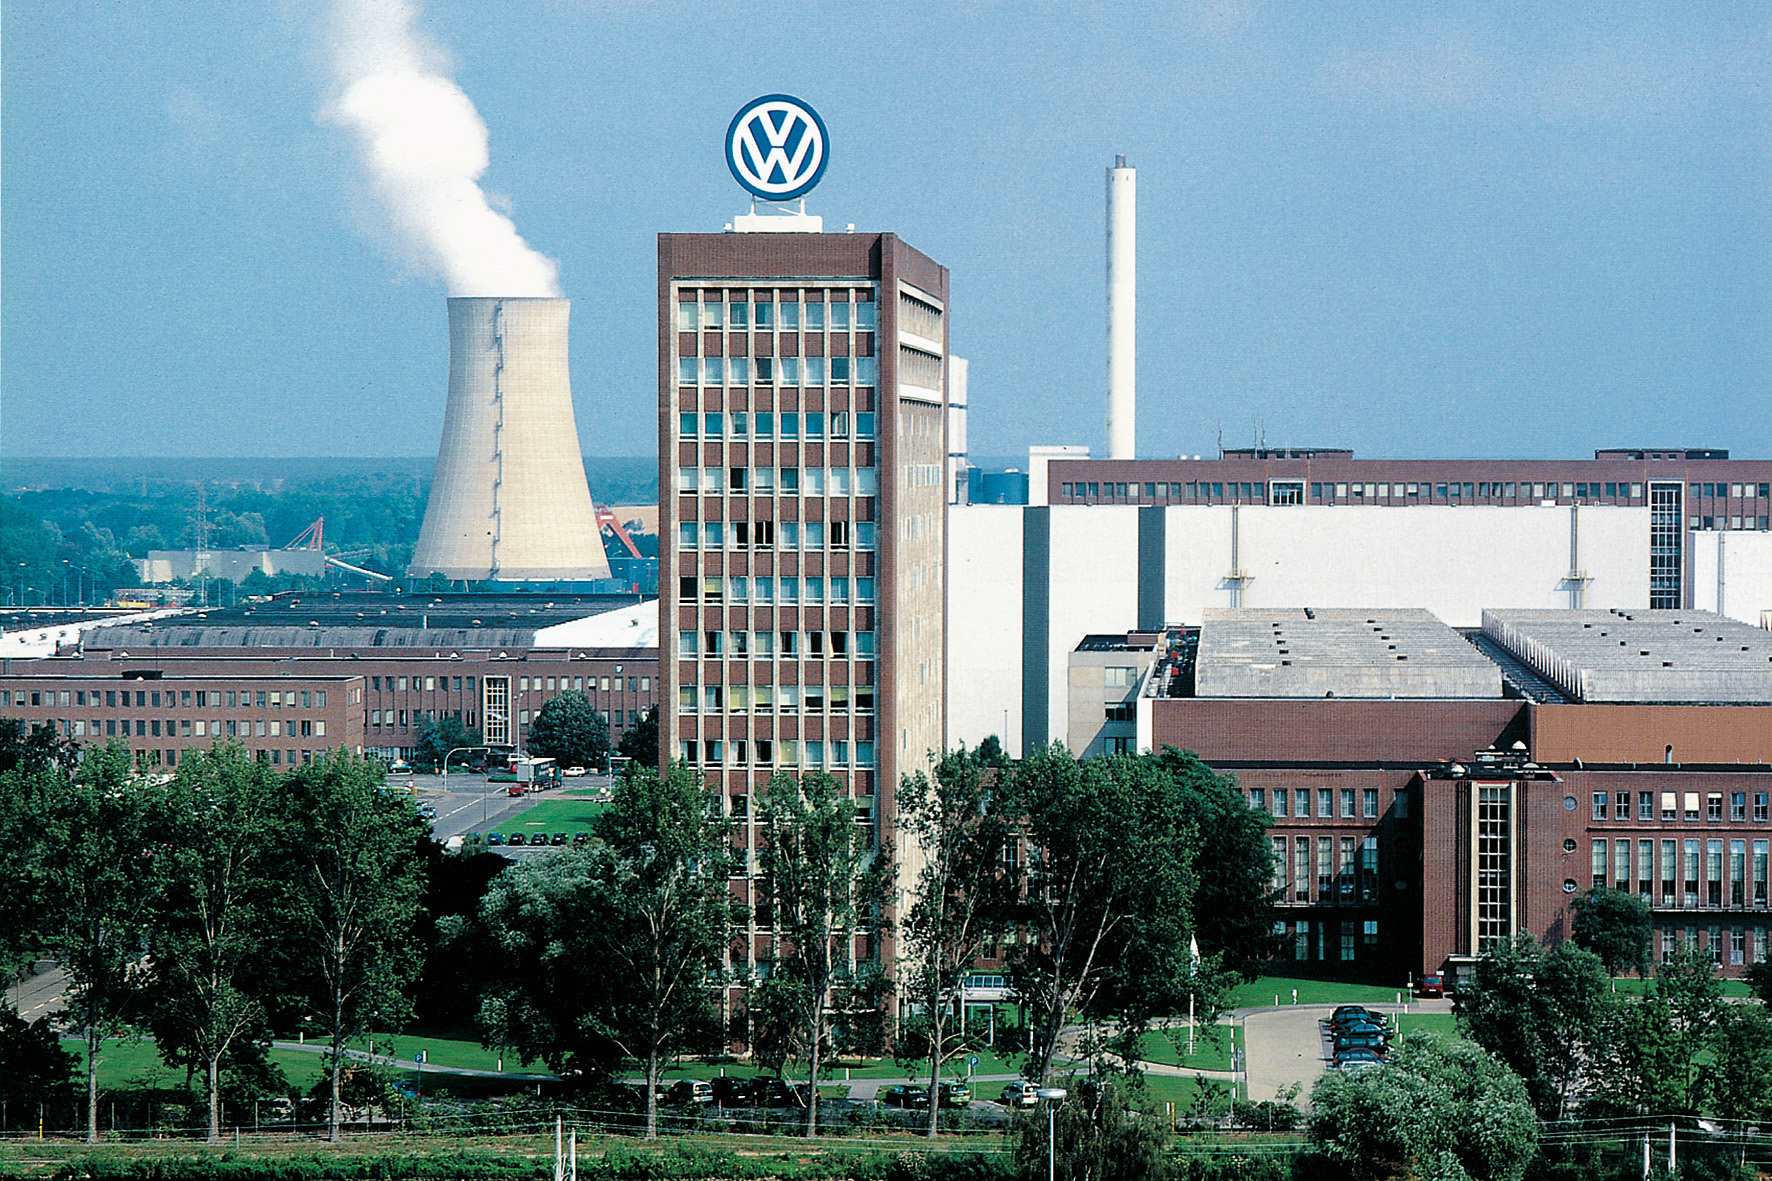 mid Düsseldorf - In Wolfsburg weht ein neuer Wind: VW hat die Entwicklungsziele für die künftige Diesel-Technologie, den Elektro-Antrieb und den neuen Phaeton neu definiert.